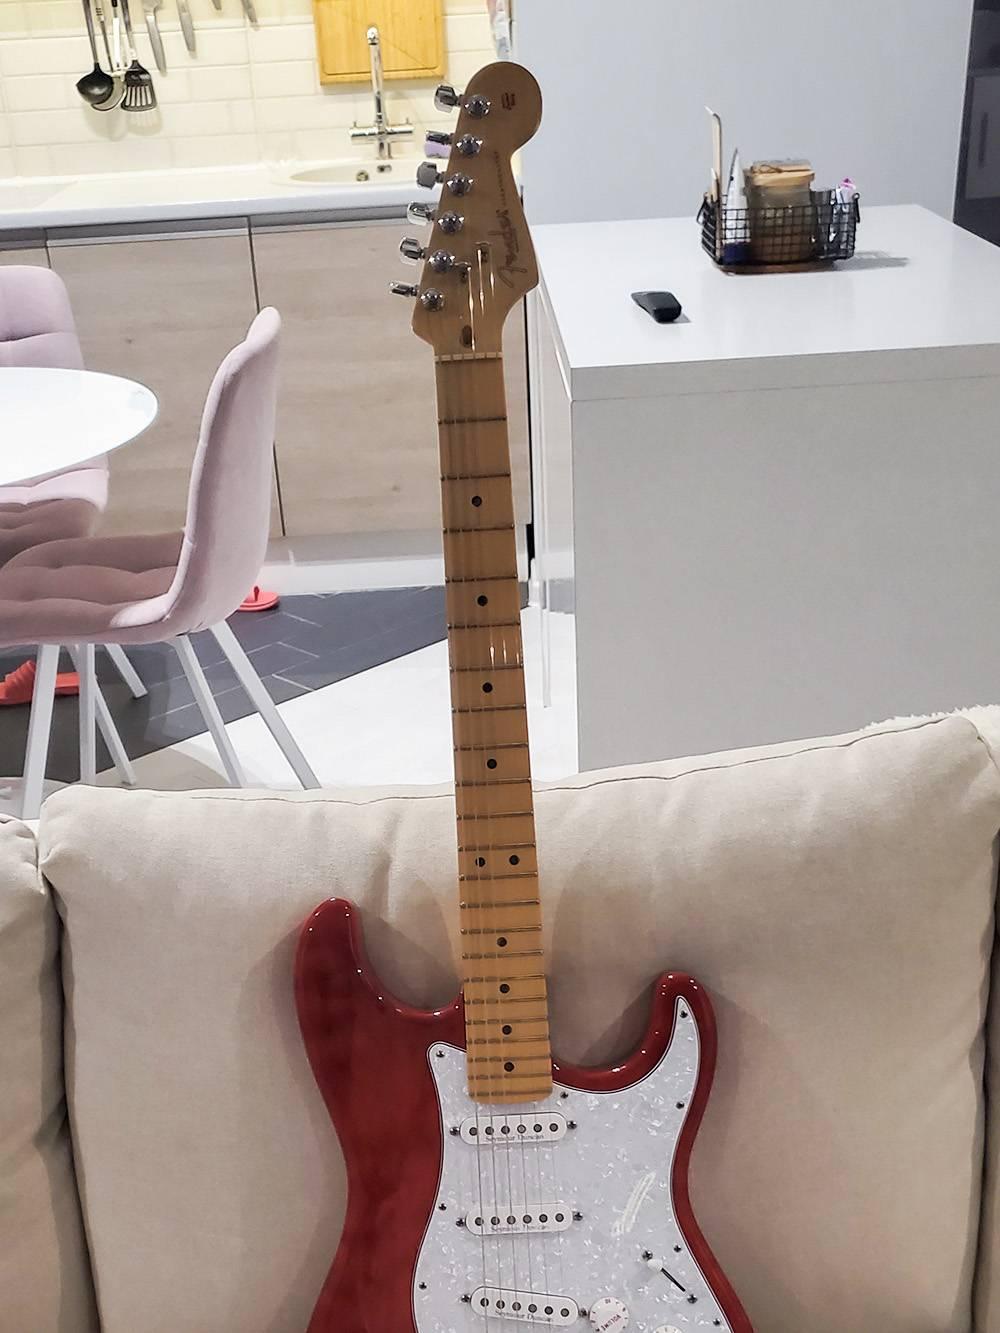 От оригинала остался только гриф с надписью Fender